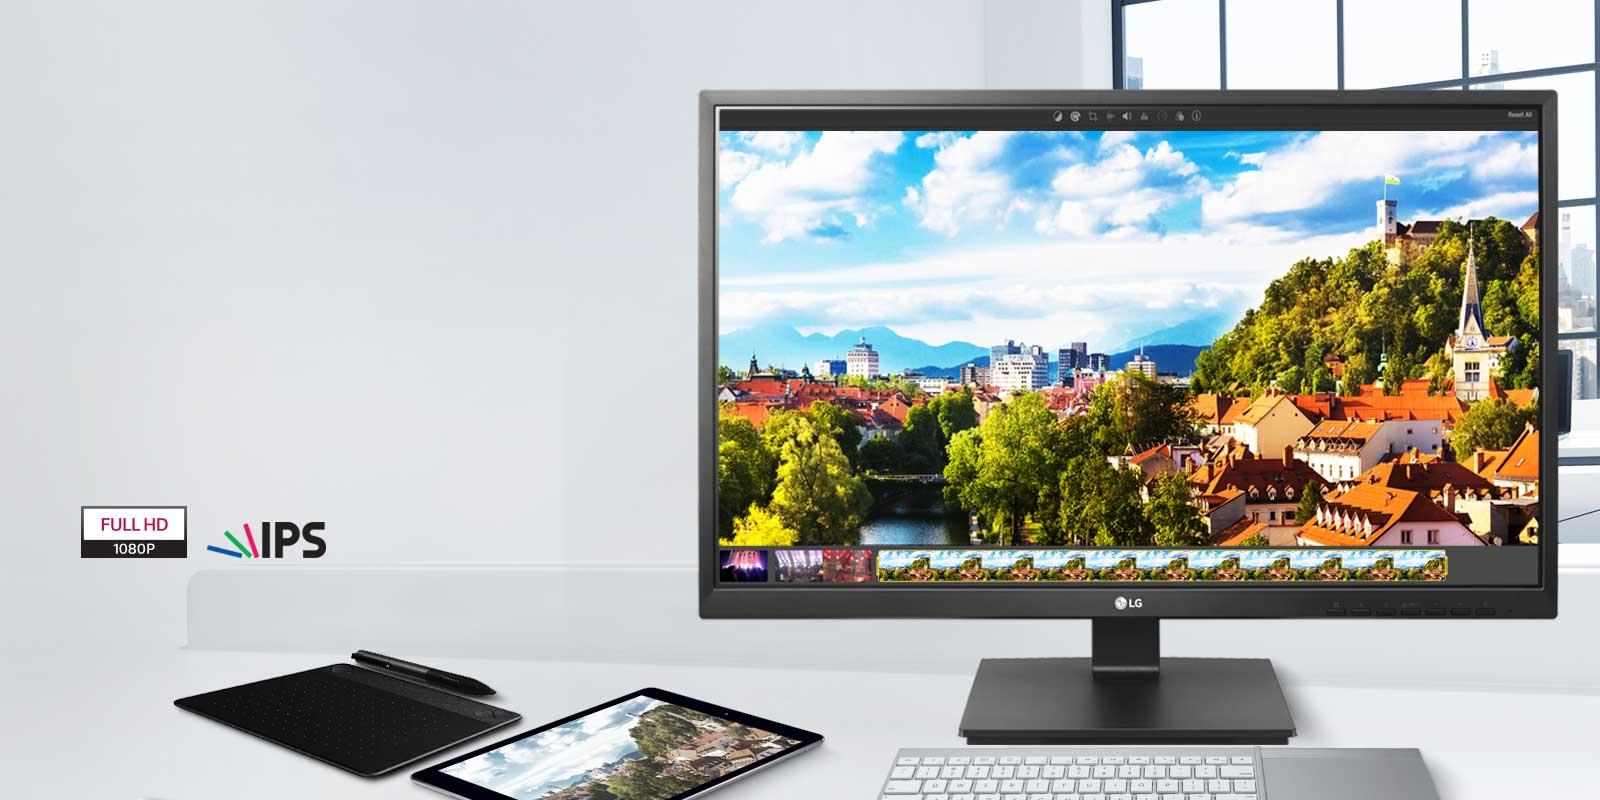 Full HD IPS Display1